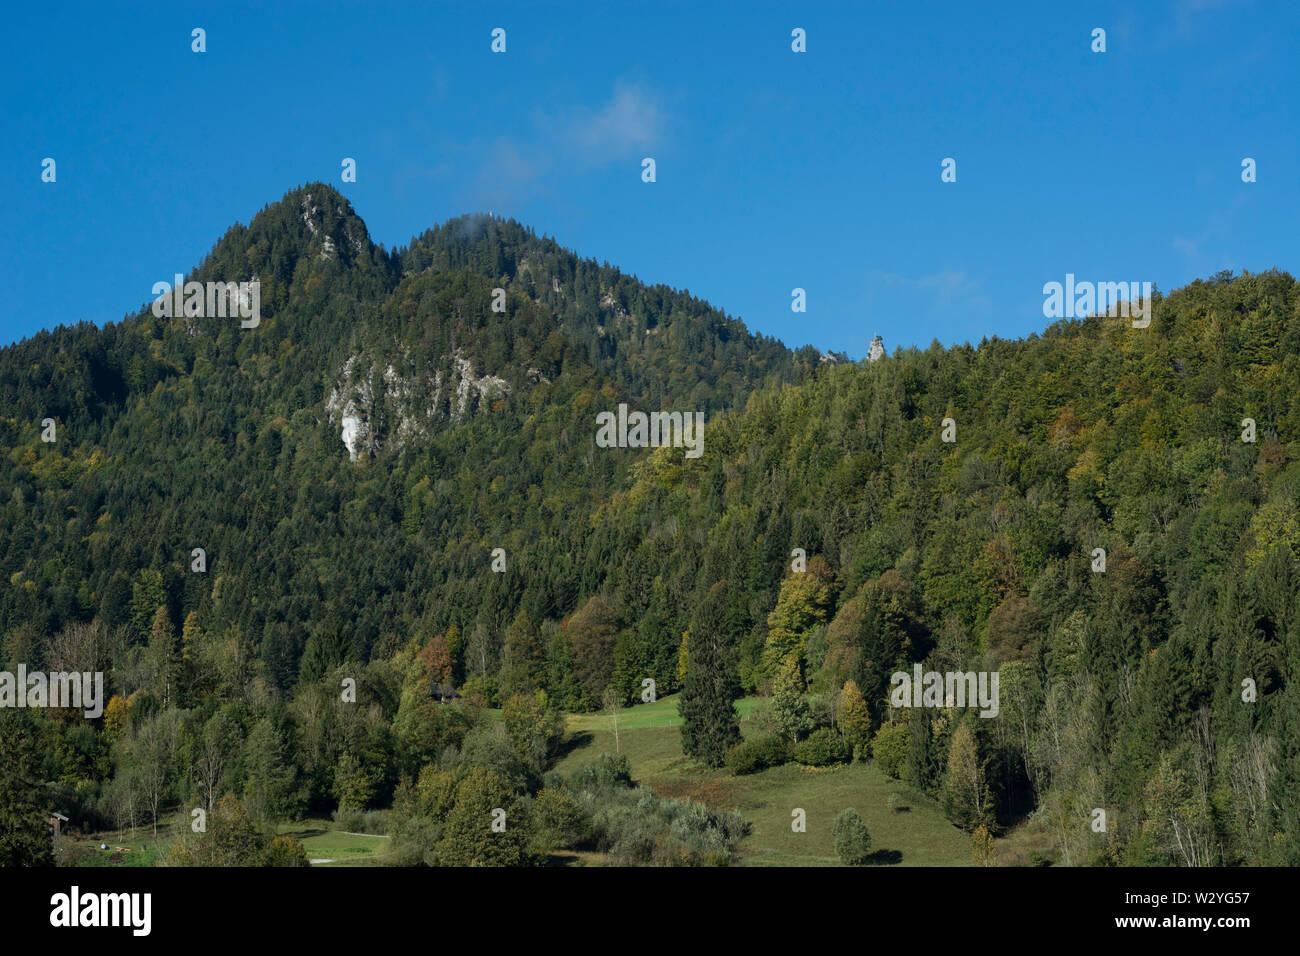 Région brauneck, lenggries, brauneck, benediktenwand, isarwinkel, région de la Haute-Bavière, Alpes bavaroises, la Bavière, la vallée de l'Isar, Allemagne Banque D'Images